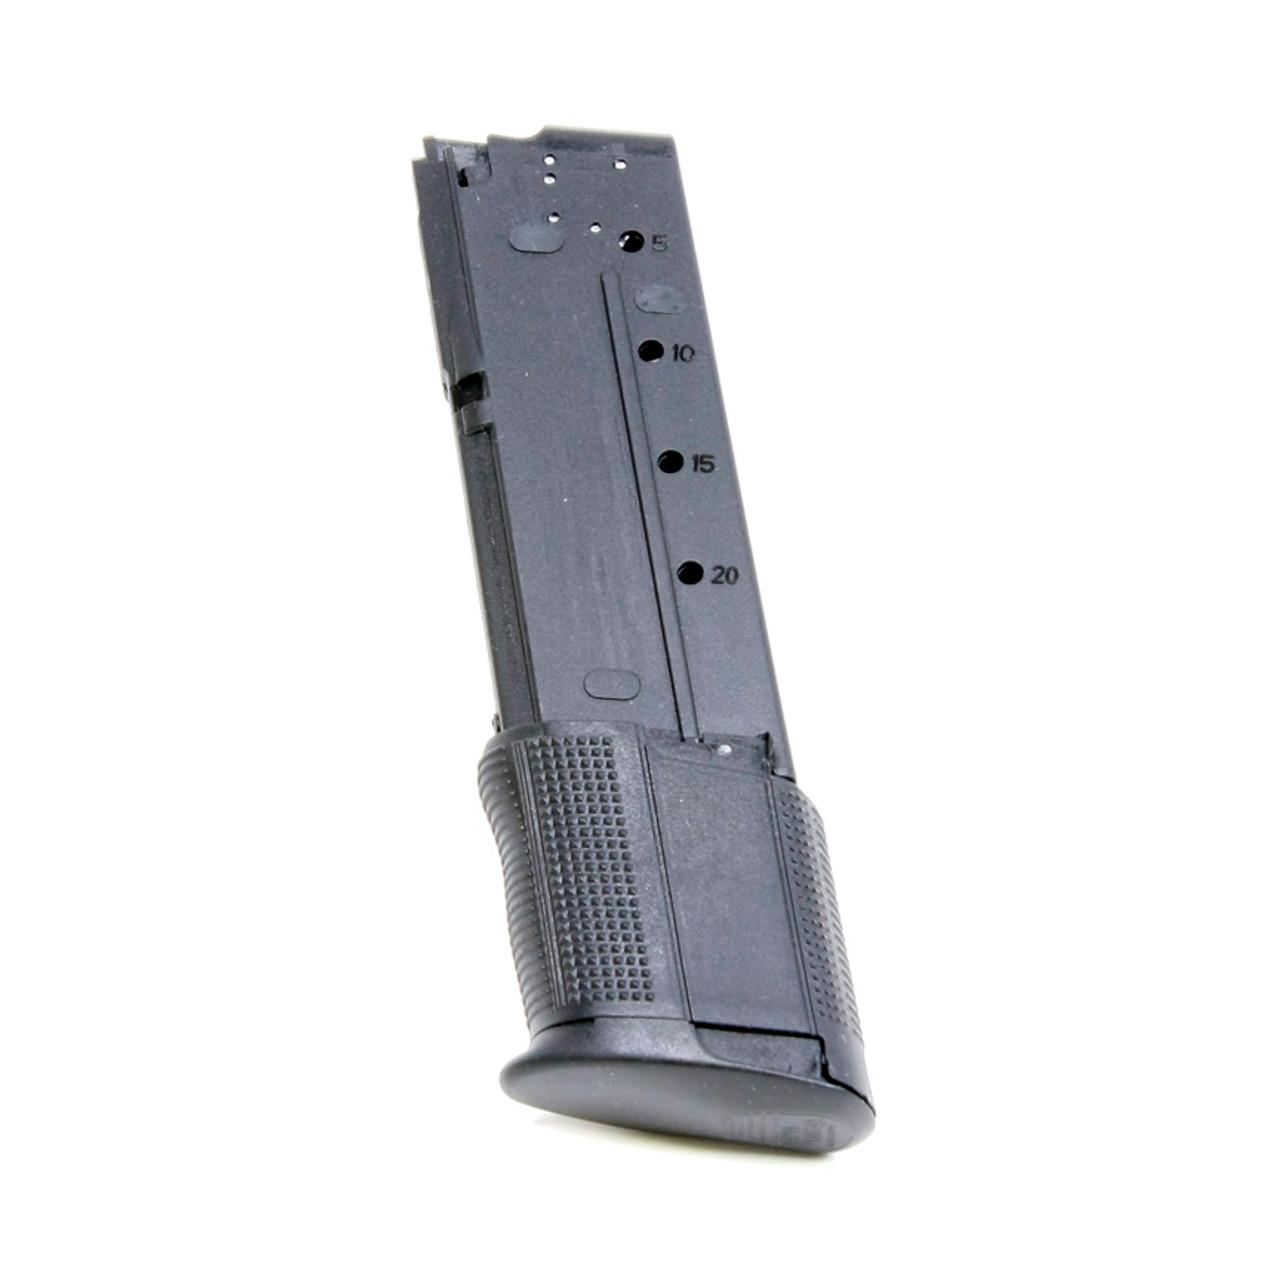 FN® Five-seveN® USG 5.7x28mm (30) Rd - Black Polymer